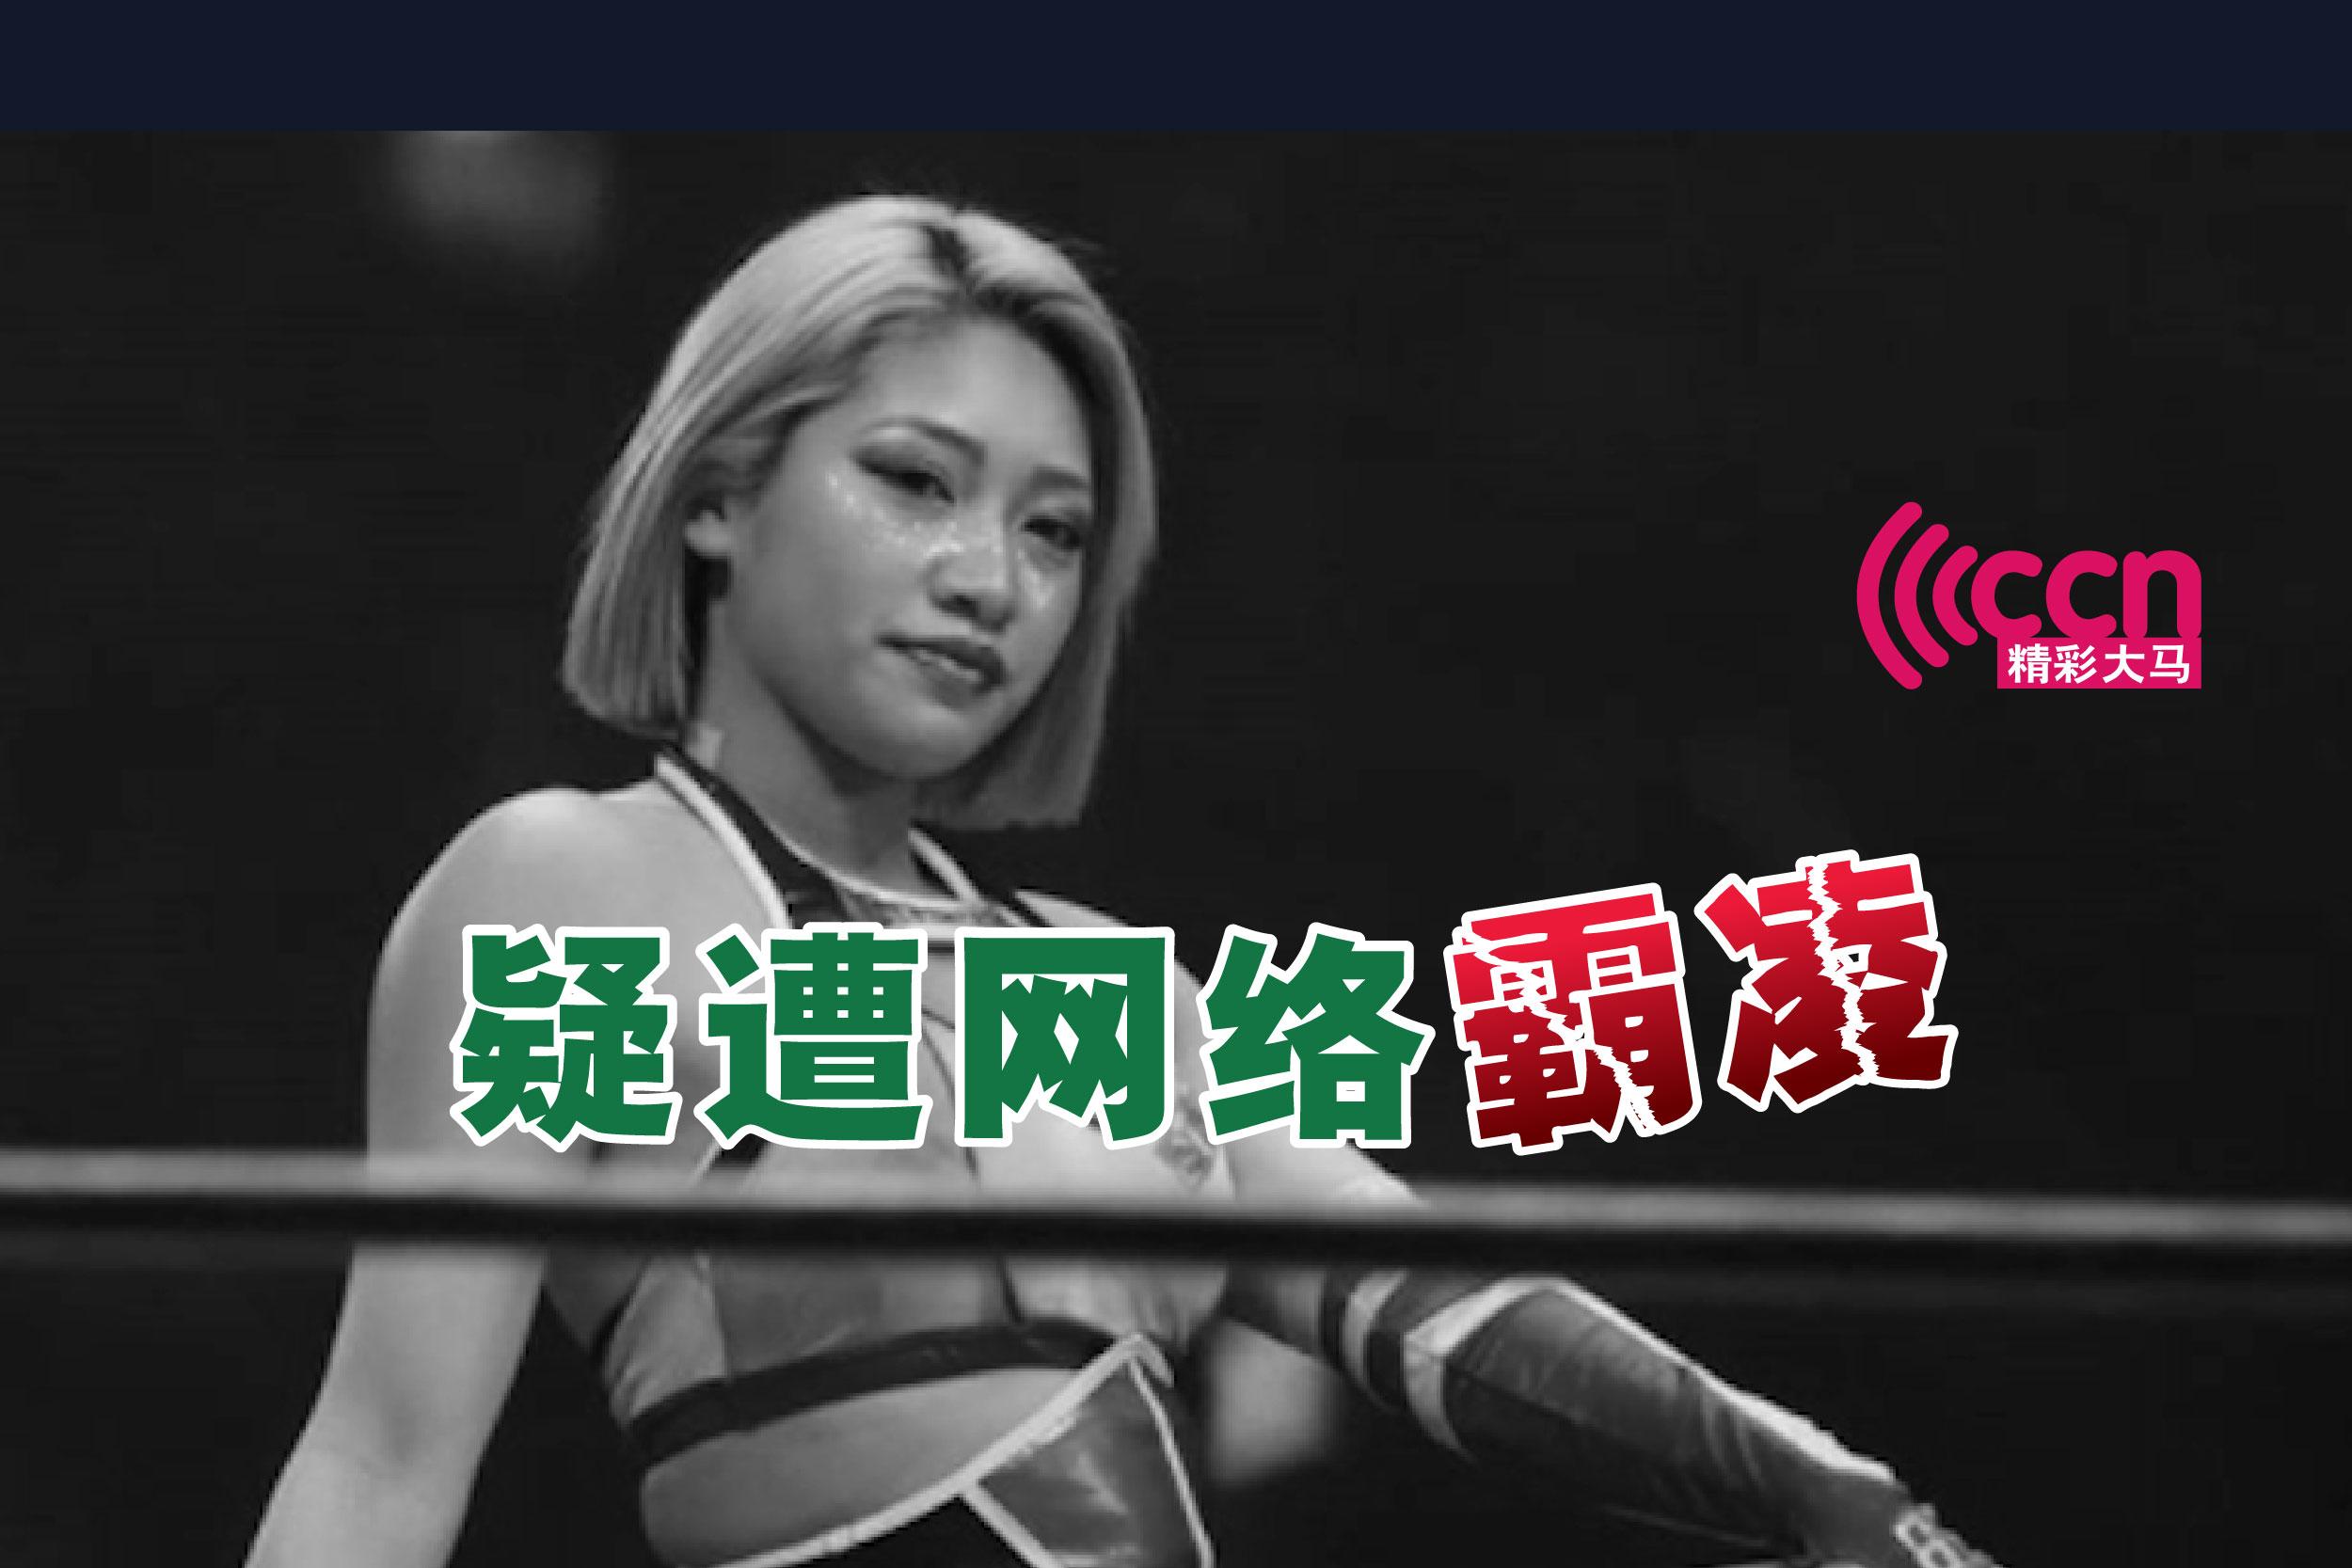 事件 木村 花 「テラハ」木村花さんを侮辱の疑い 20代男「復讐で」:朝日新聞デジタル